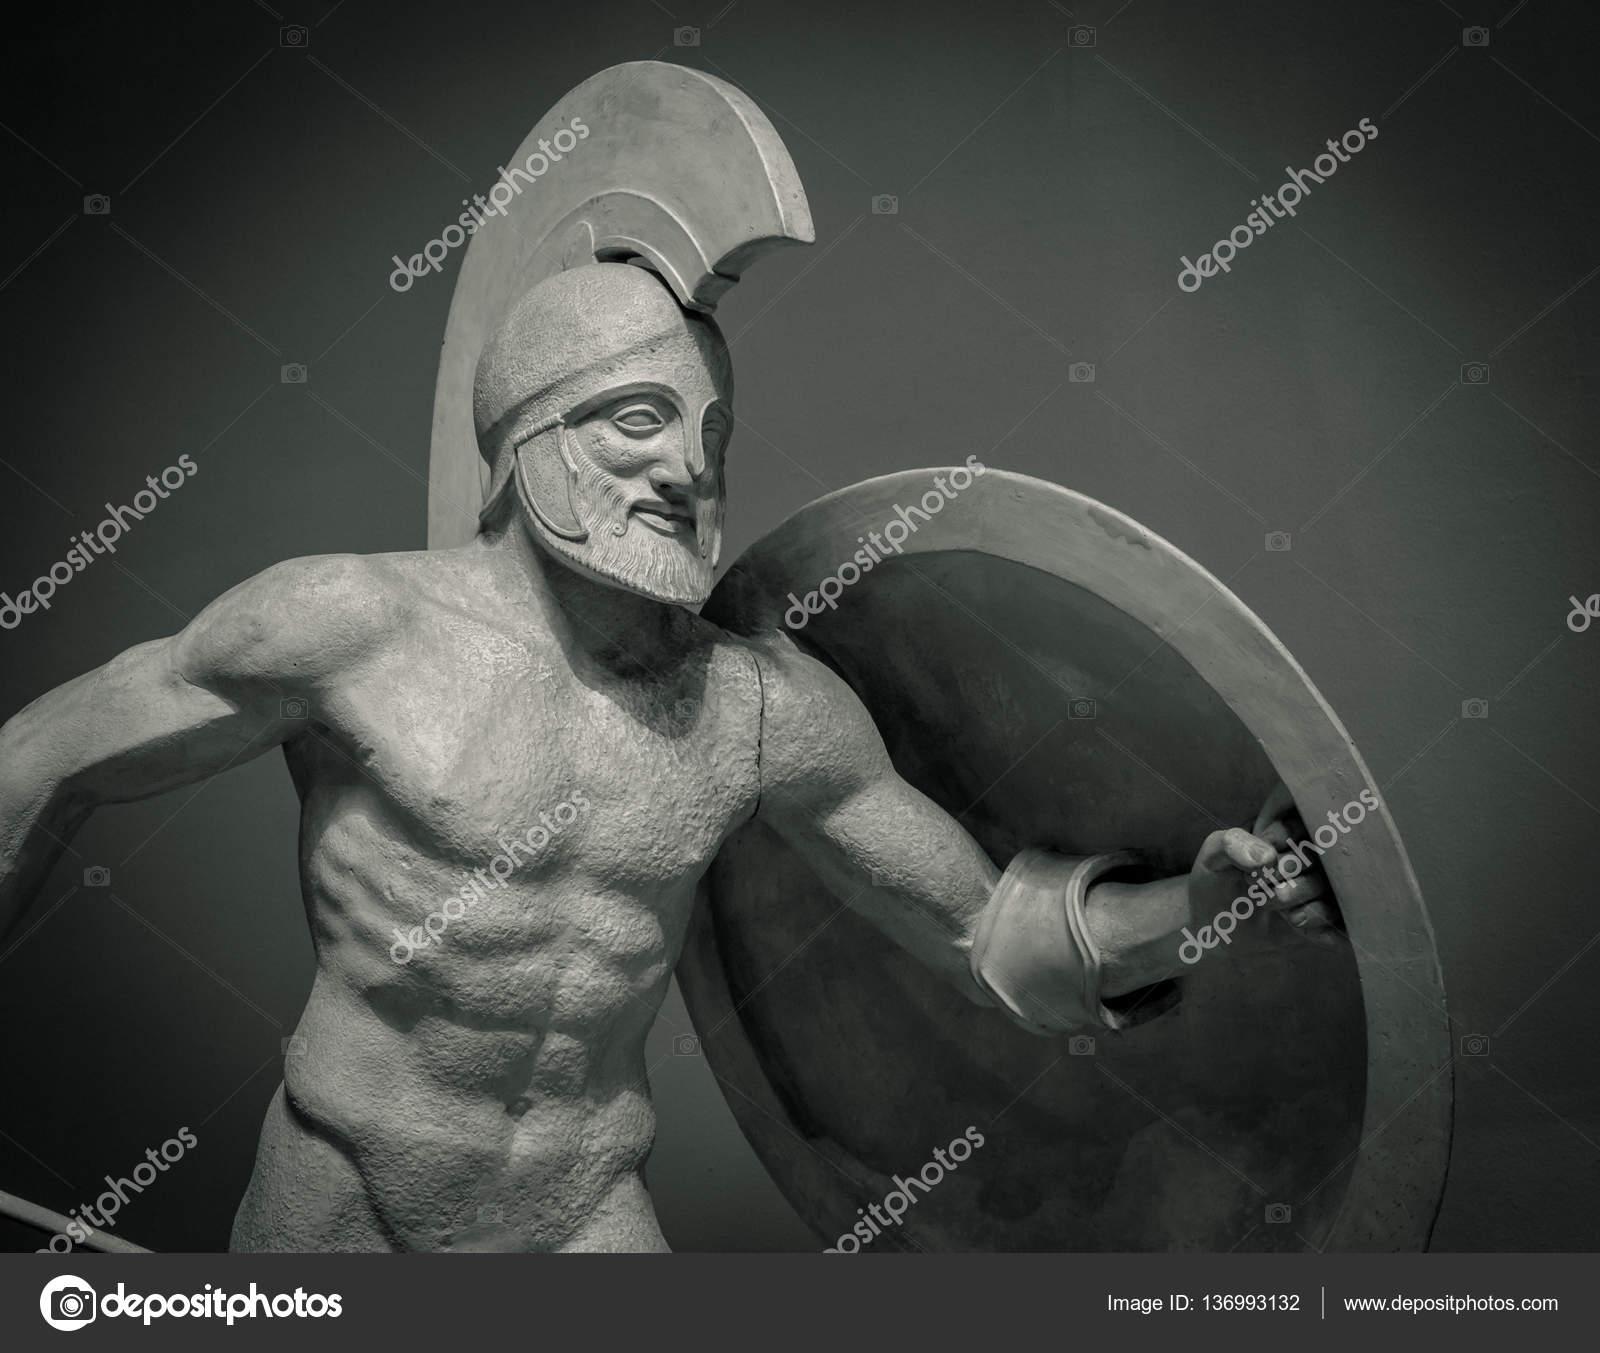 La Tete Dans Le Casque La Sculpture Grecque Antique Du Guerrier